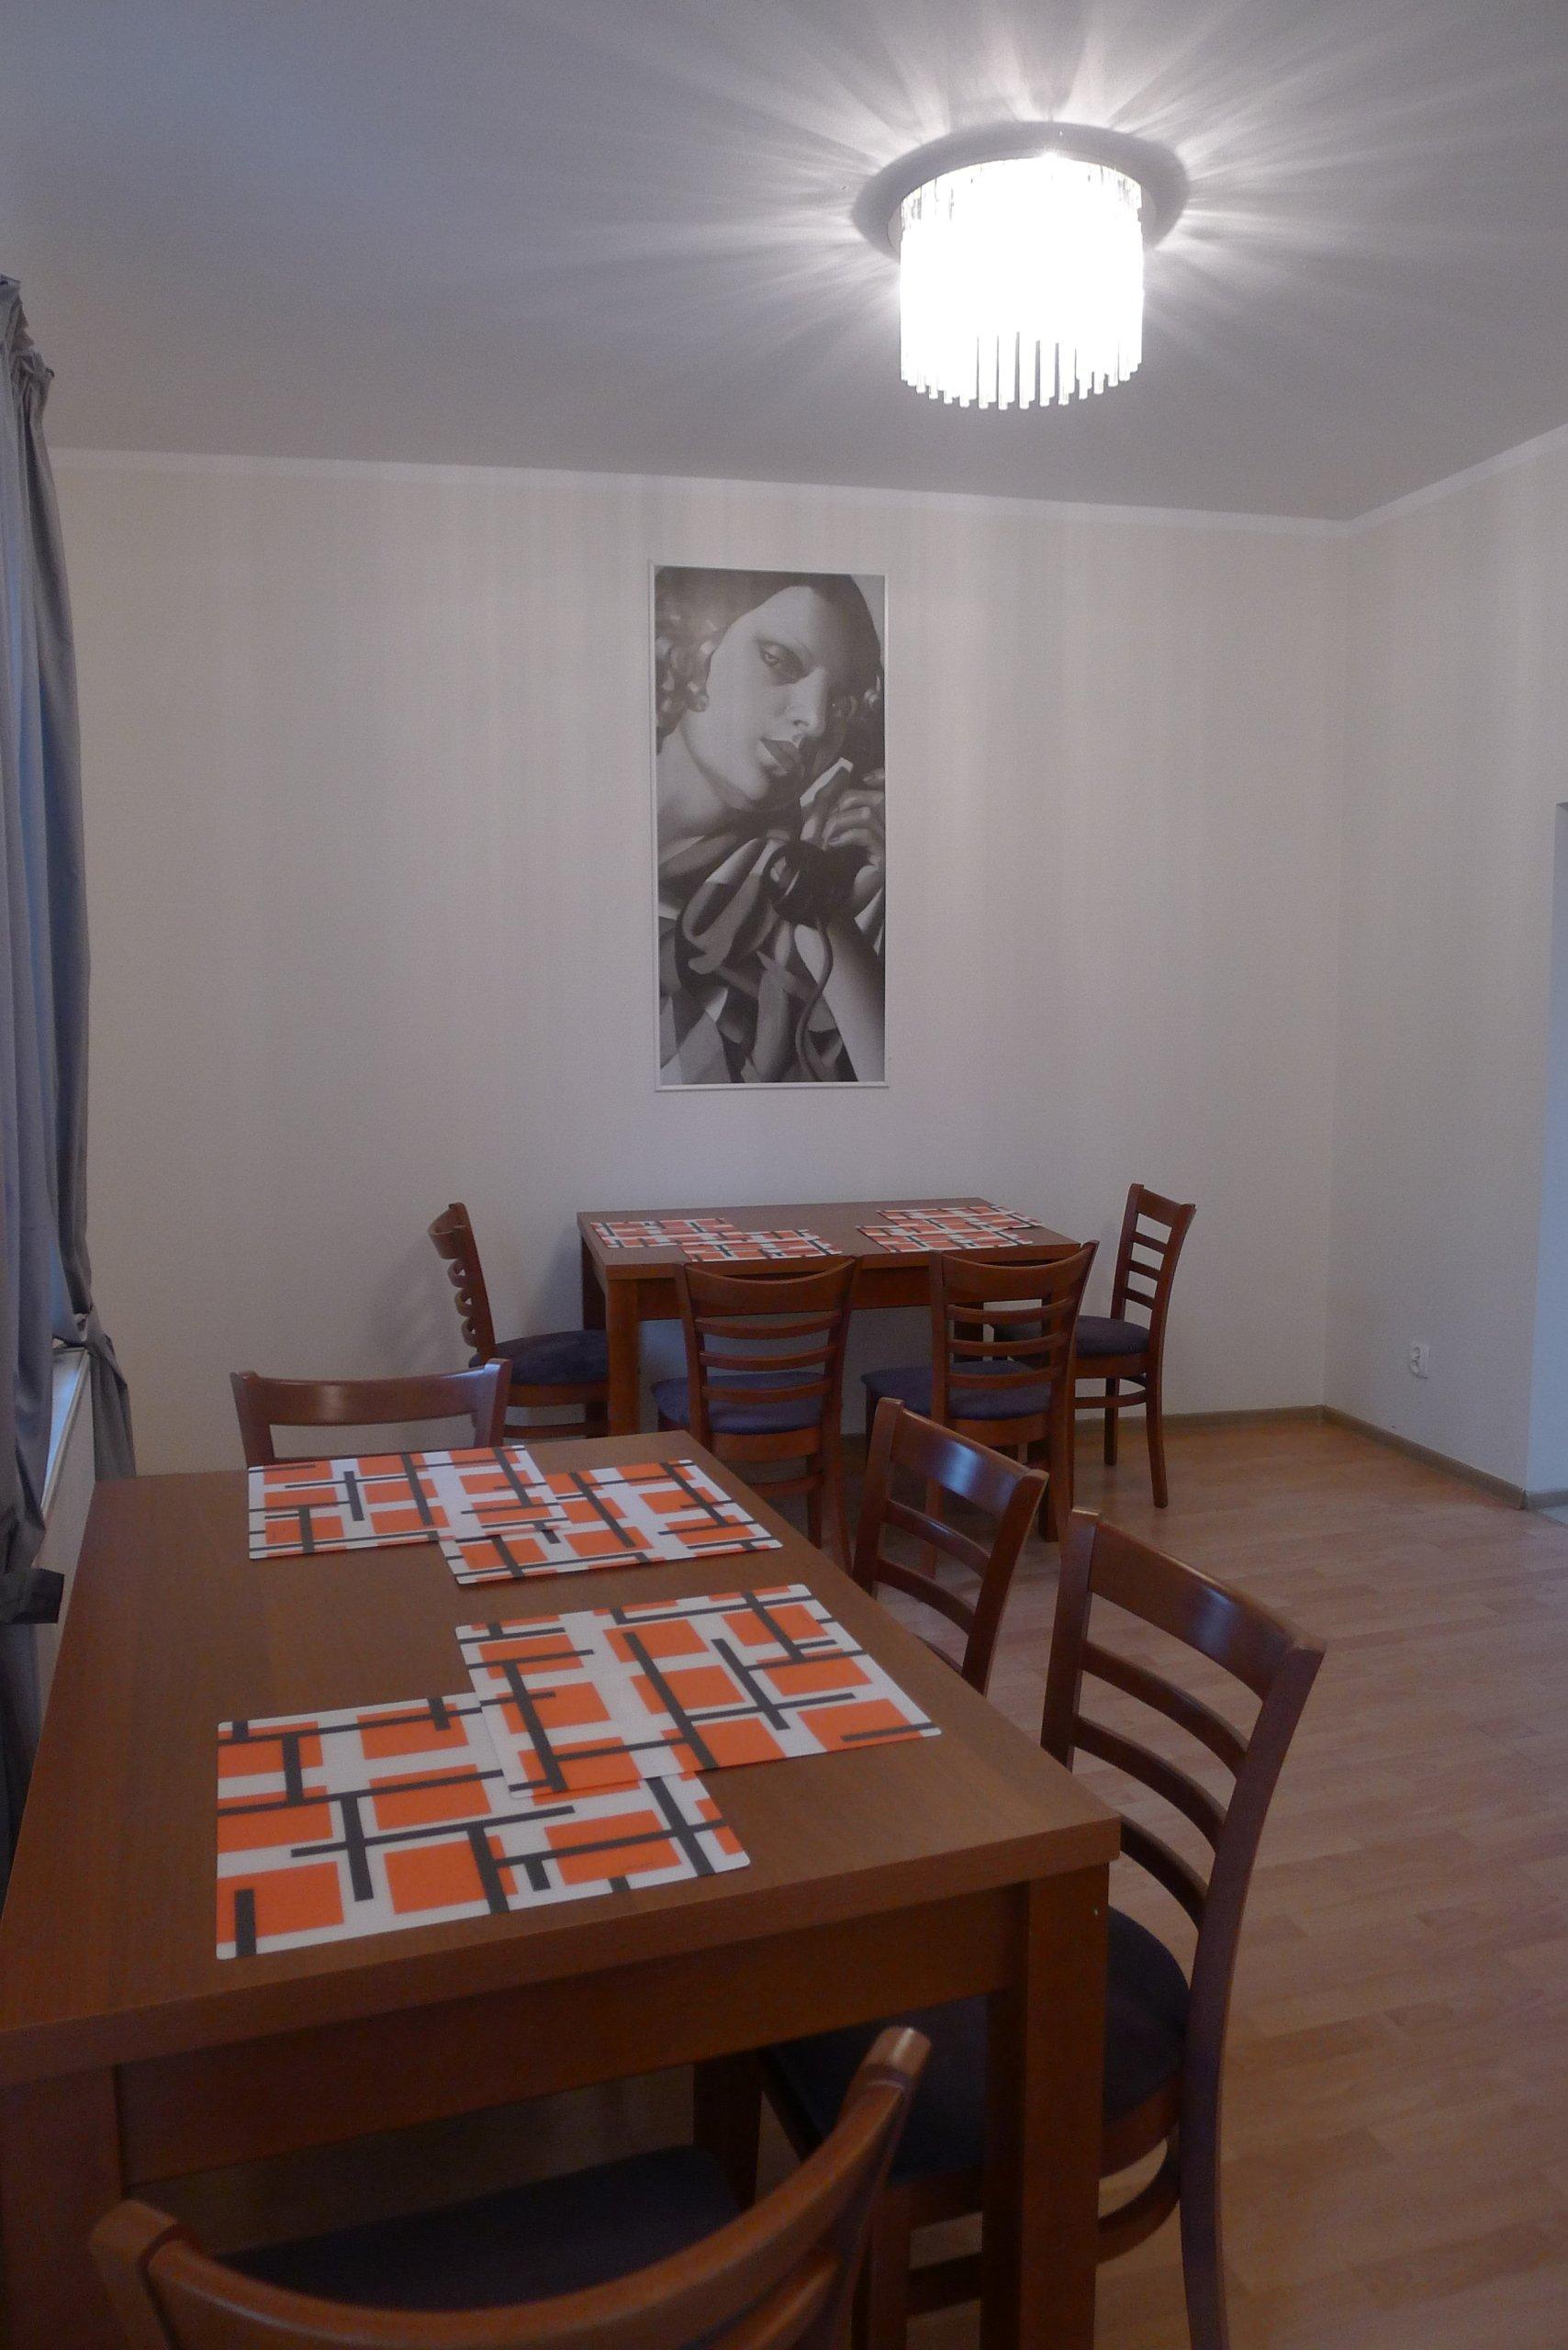 Modish Stoły i krzesła do restauracji i kawiarni - 7307726090 - oficjalne JH53